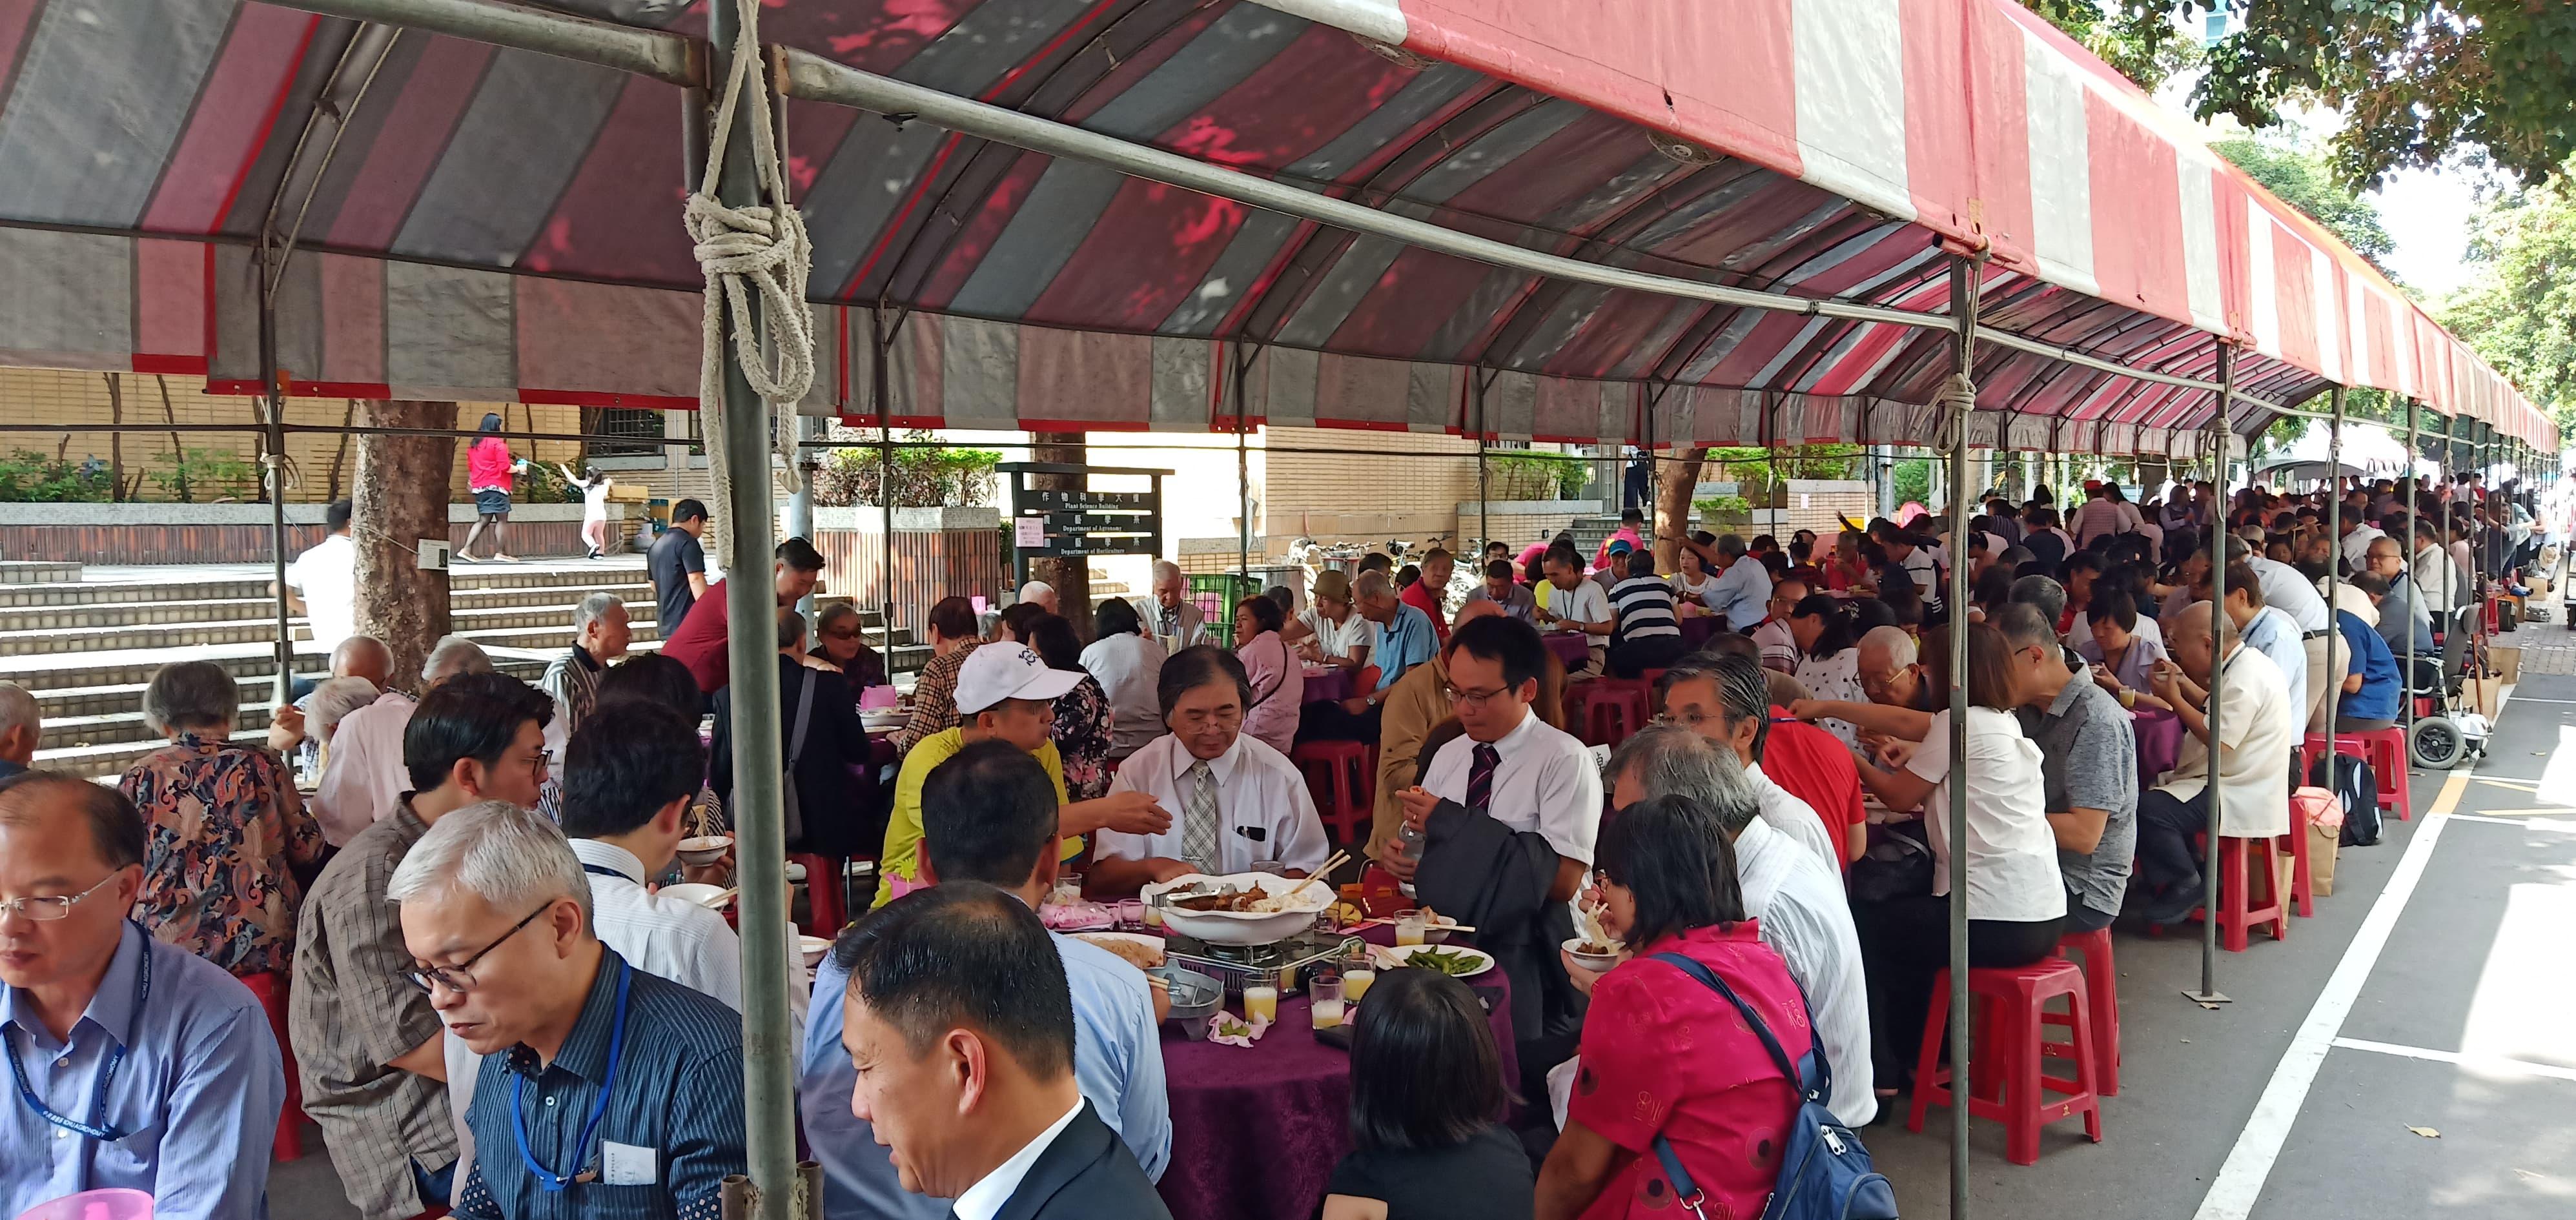 農藝系百週年系慶,在校內精勤路擺設宴席,系友們齊聚懷舊餐敘。